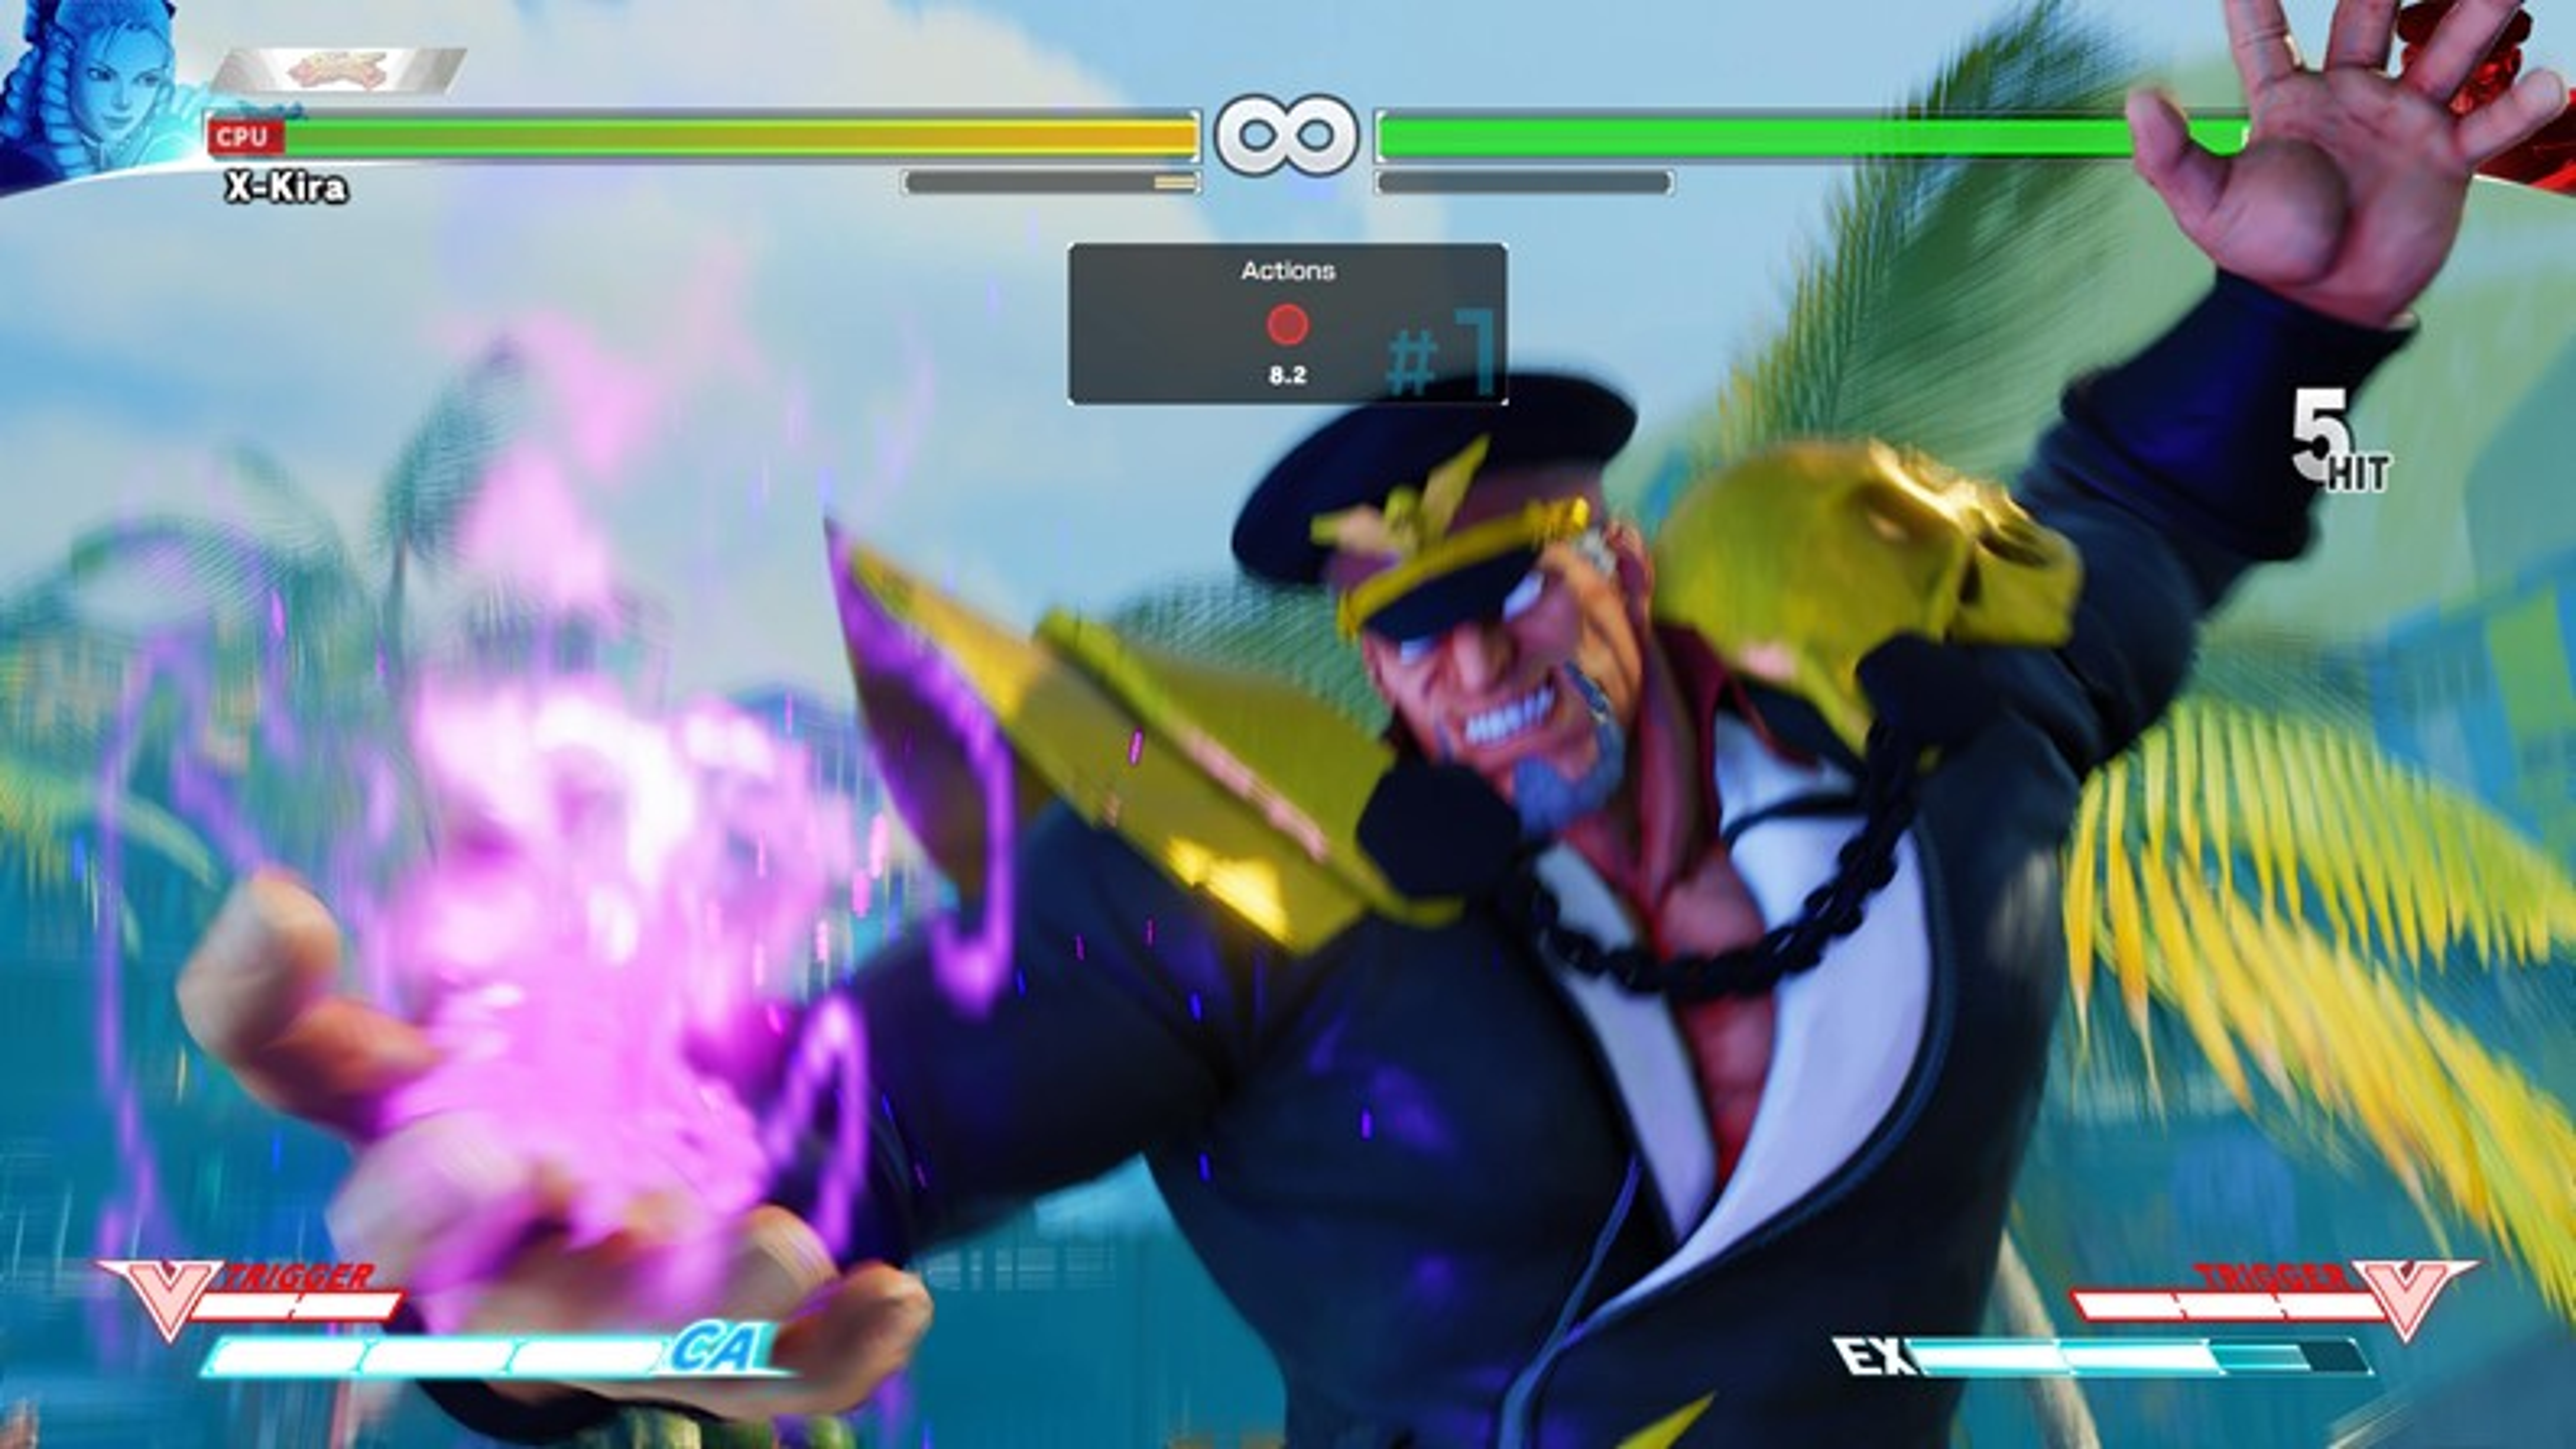 Roupas alternativas já aparecem em Street Fighter V, confira a galeria